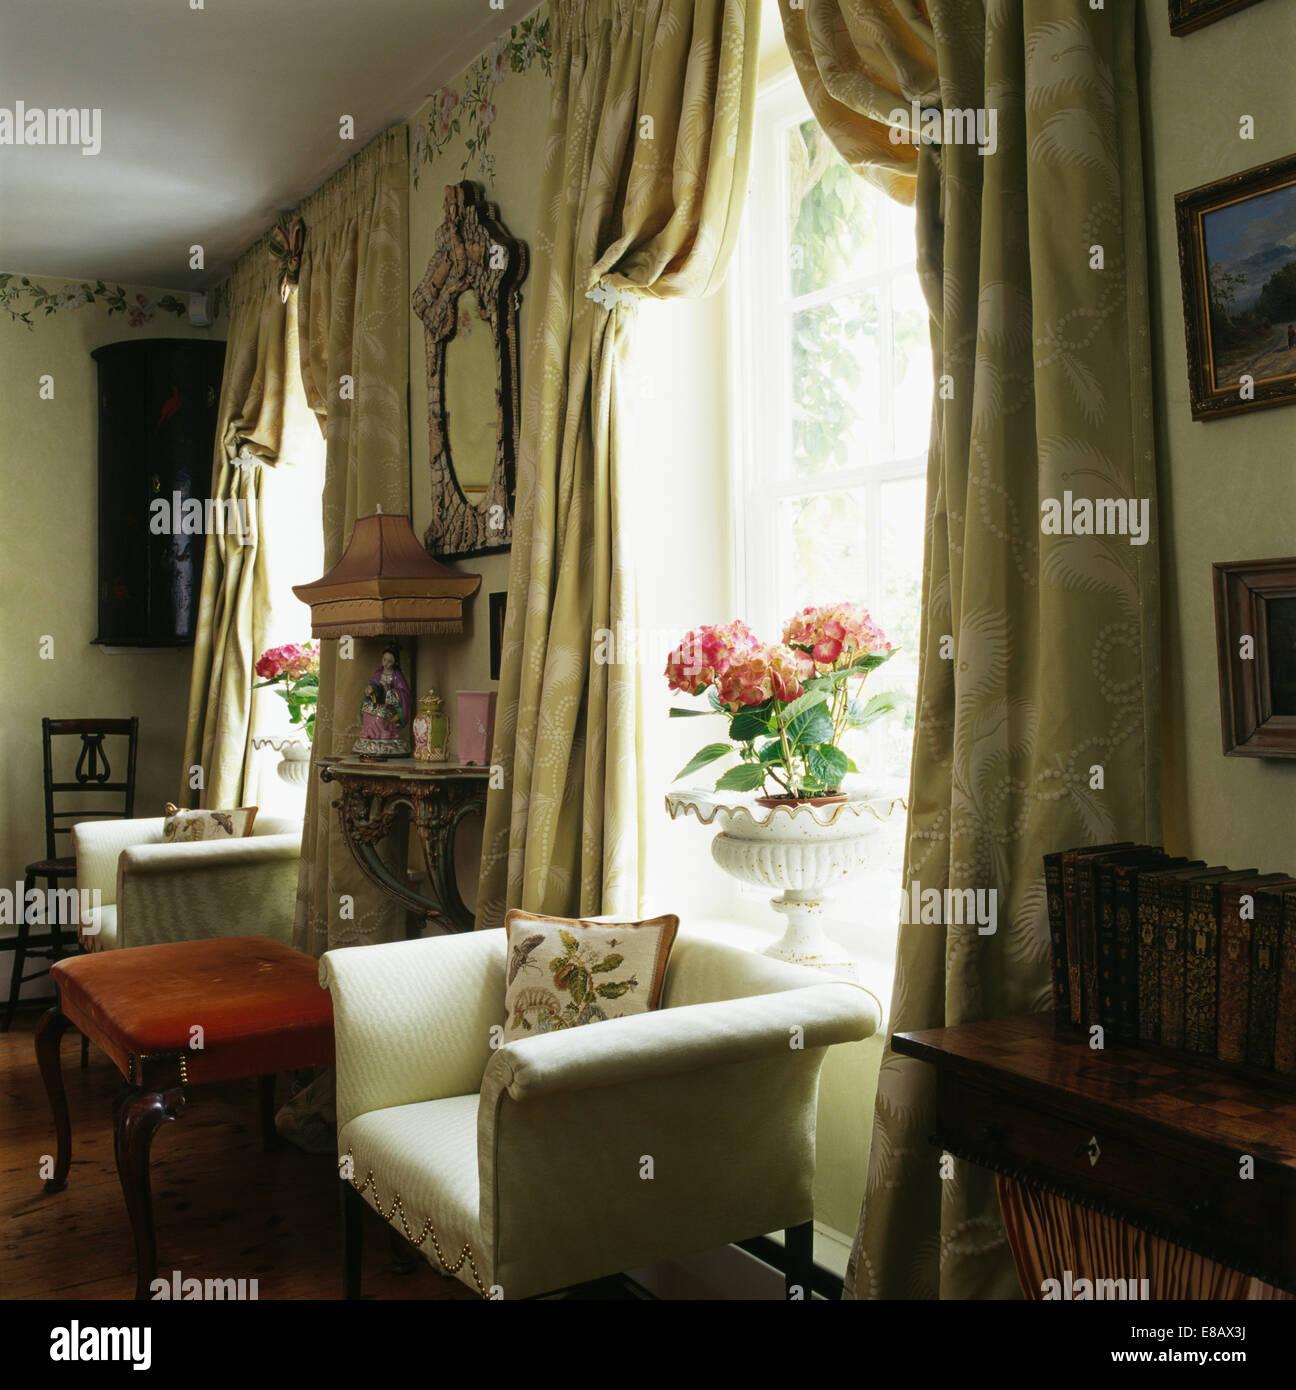 Wundervoll Cremefarbene Sessel Vor Fenster Mit Schweren Seidengardinen In Land  Wohnzimmer